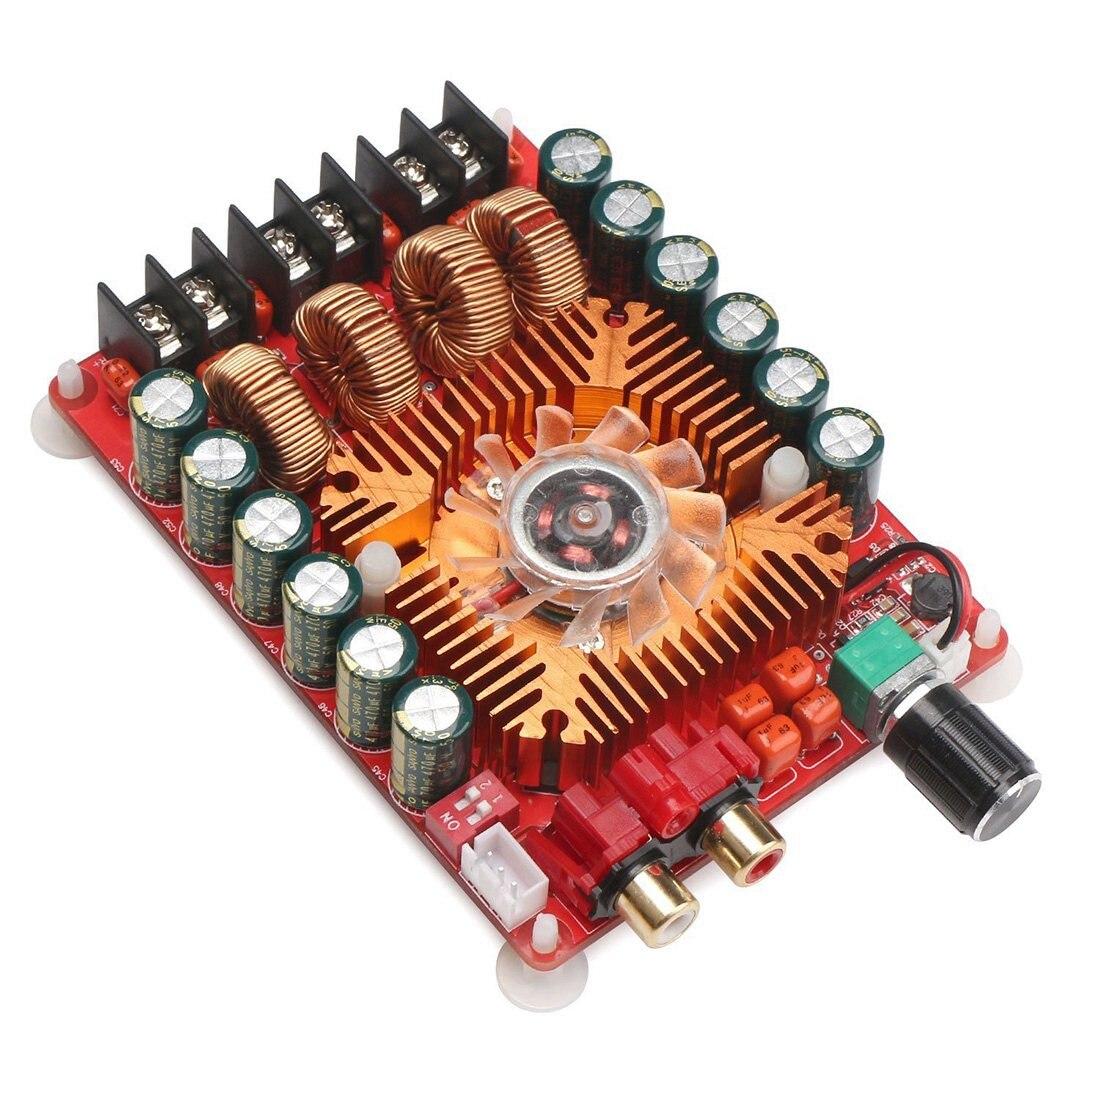 TDA7498E 2x160 Вт двухканальный АУДИО Усилители домашние, поддержка режиме BTL 1X220 Вт одноканальный, для автомобиля компьютер